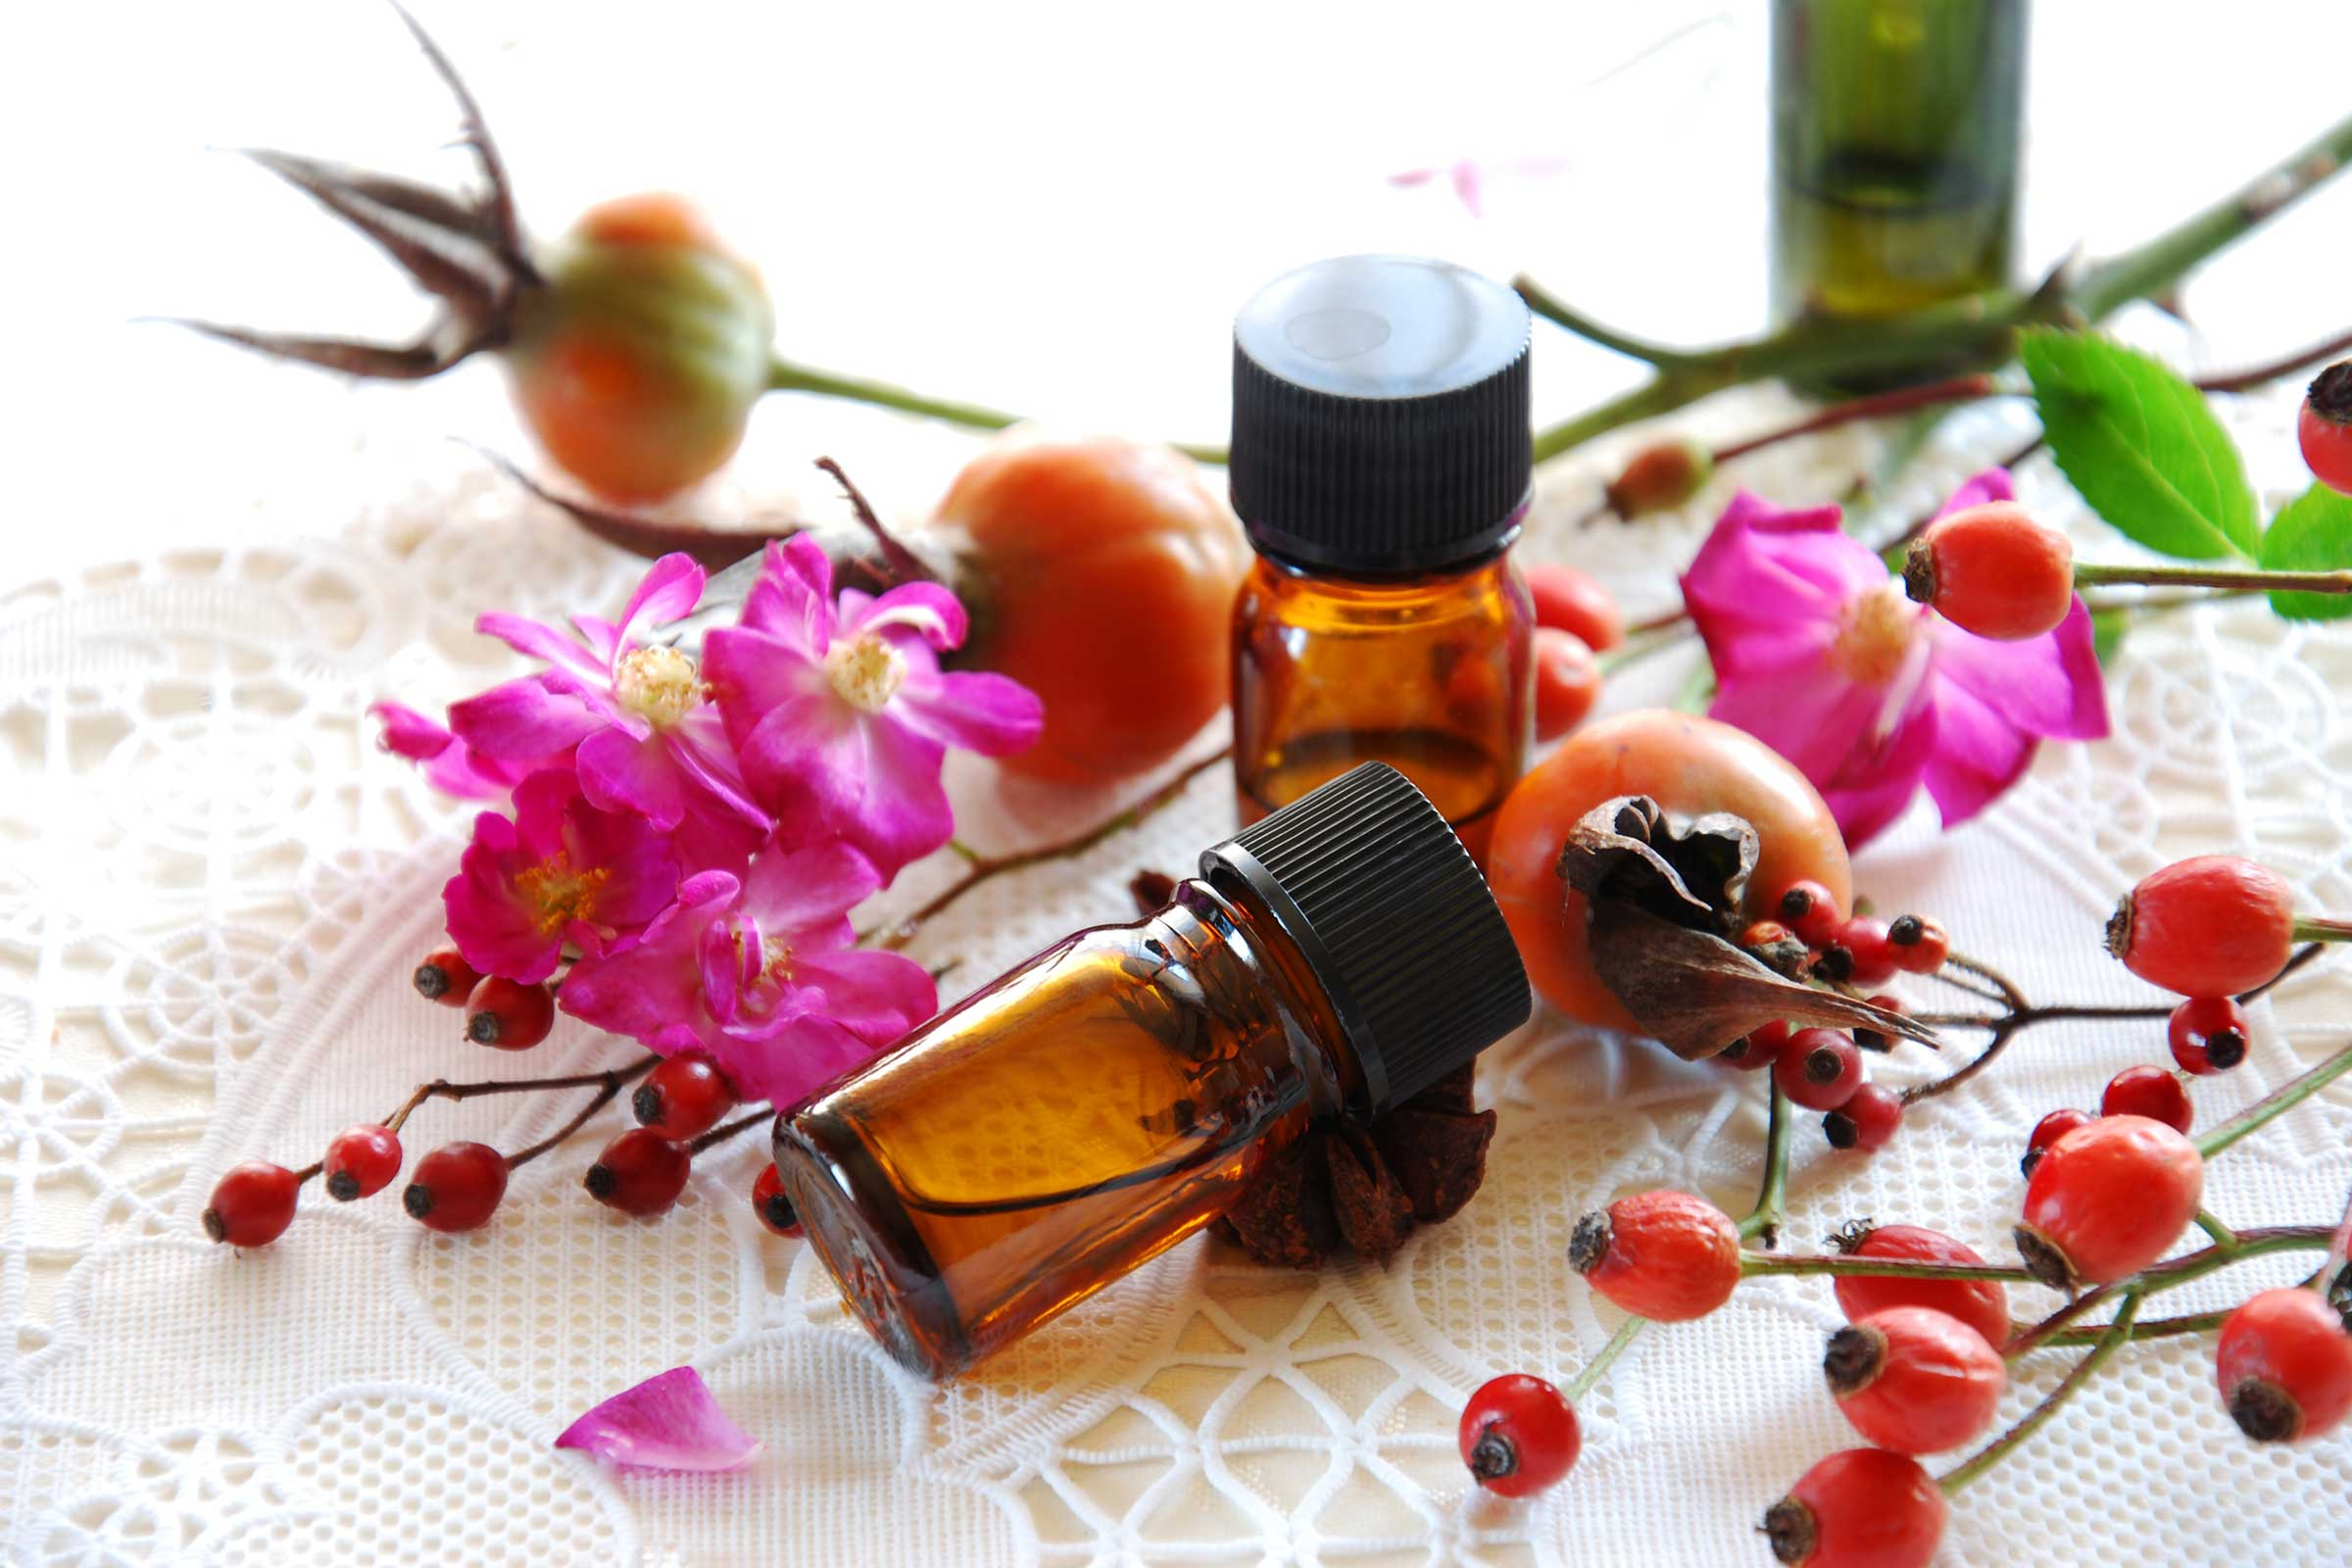 Масло из плодов шиповника отличное лекарственное средство